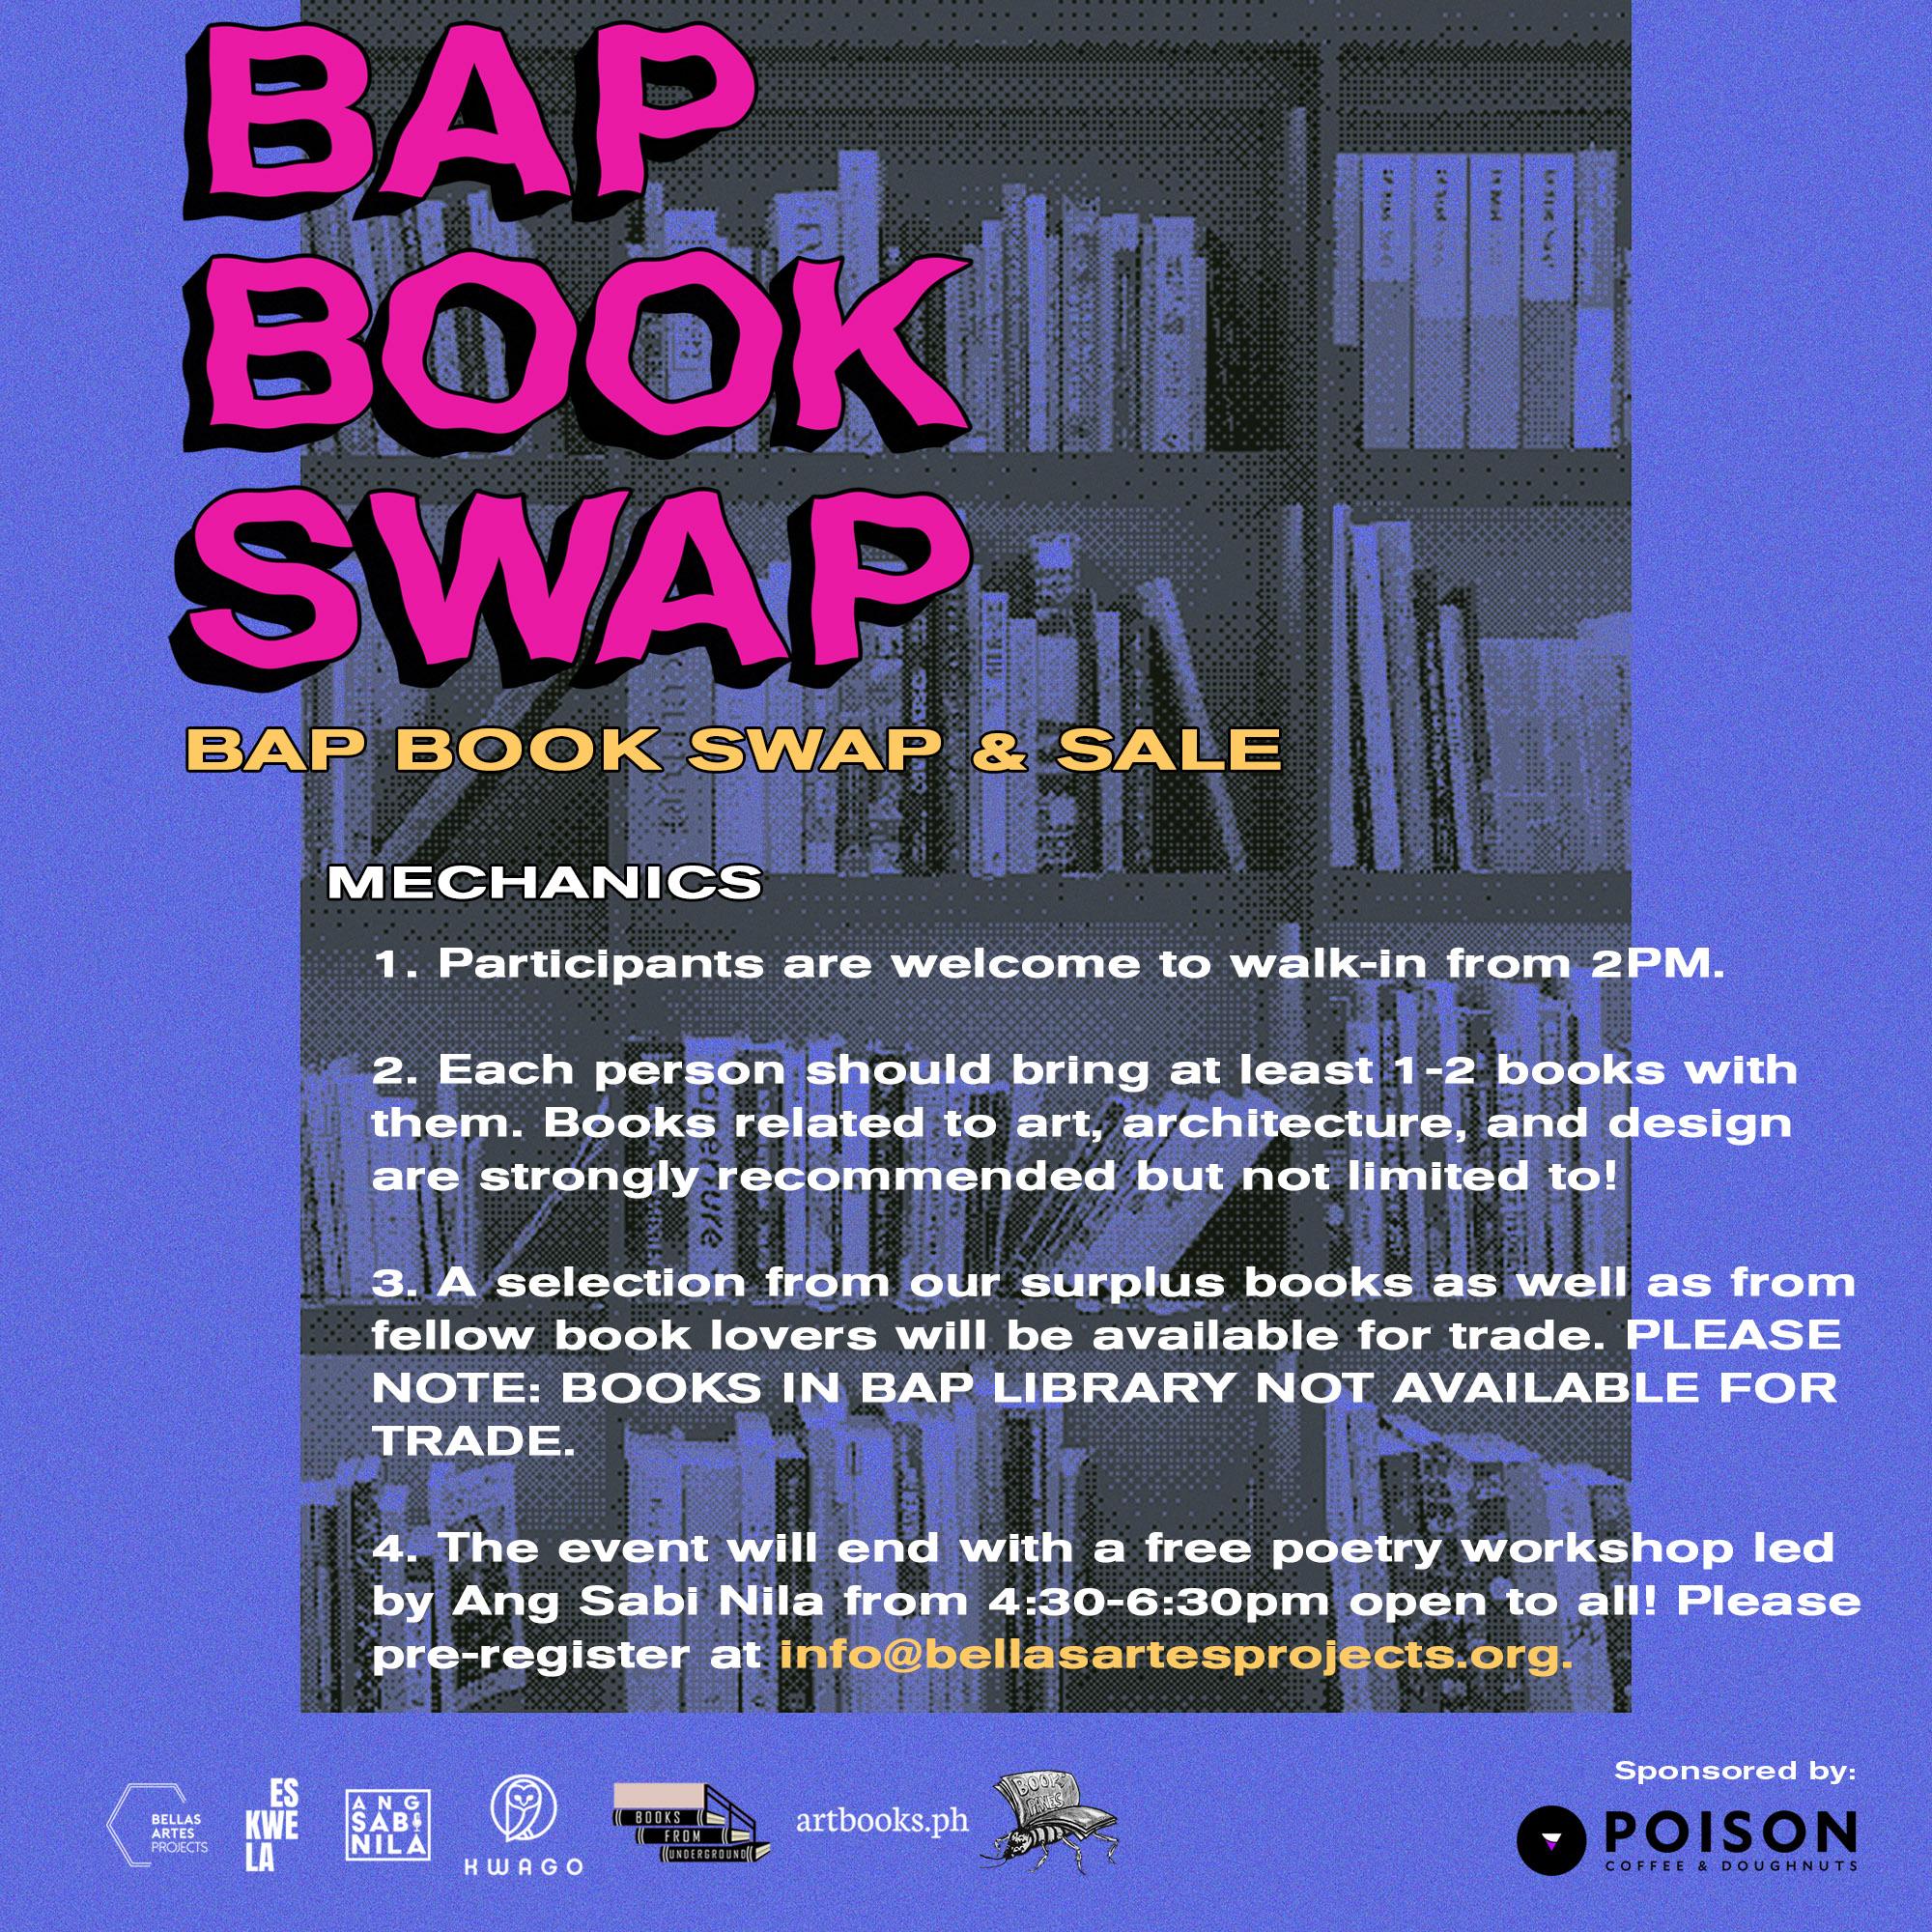 Book Swap_MECHANICS.jpg